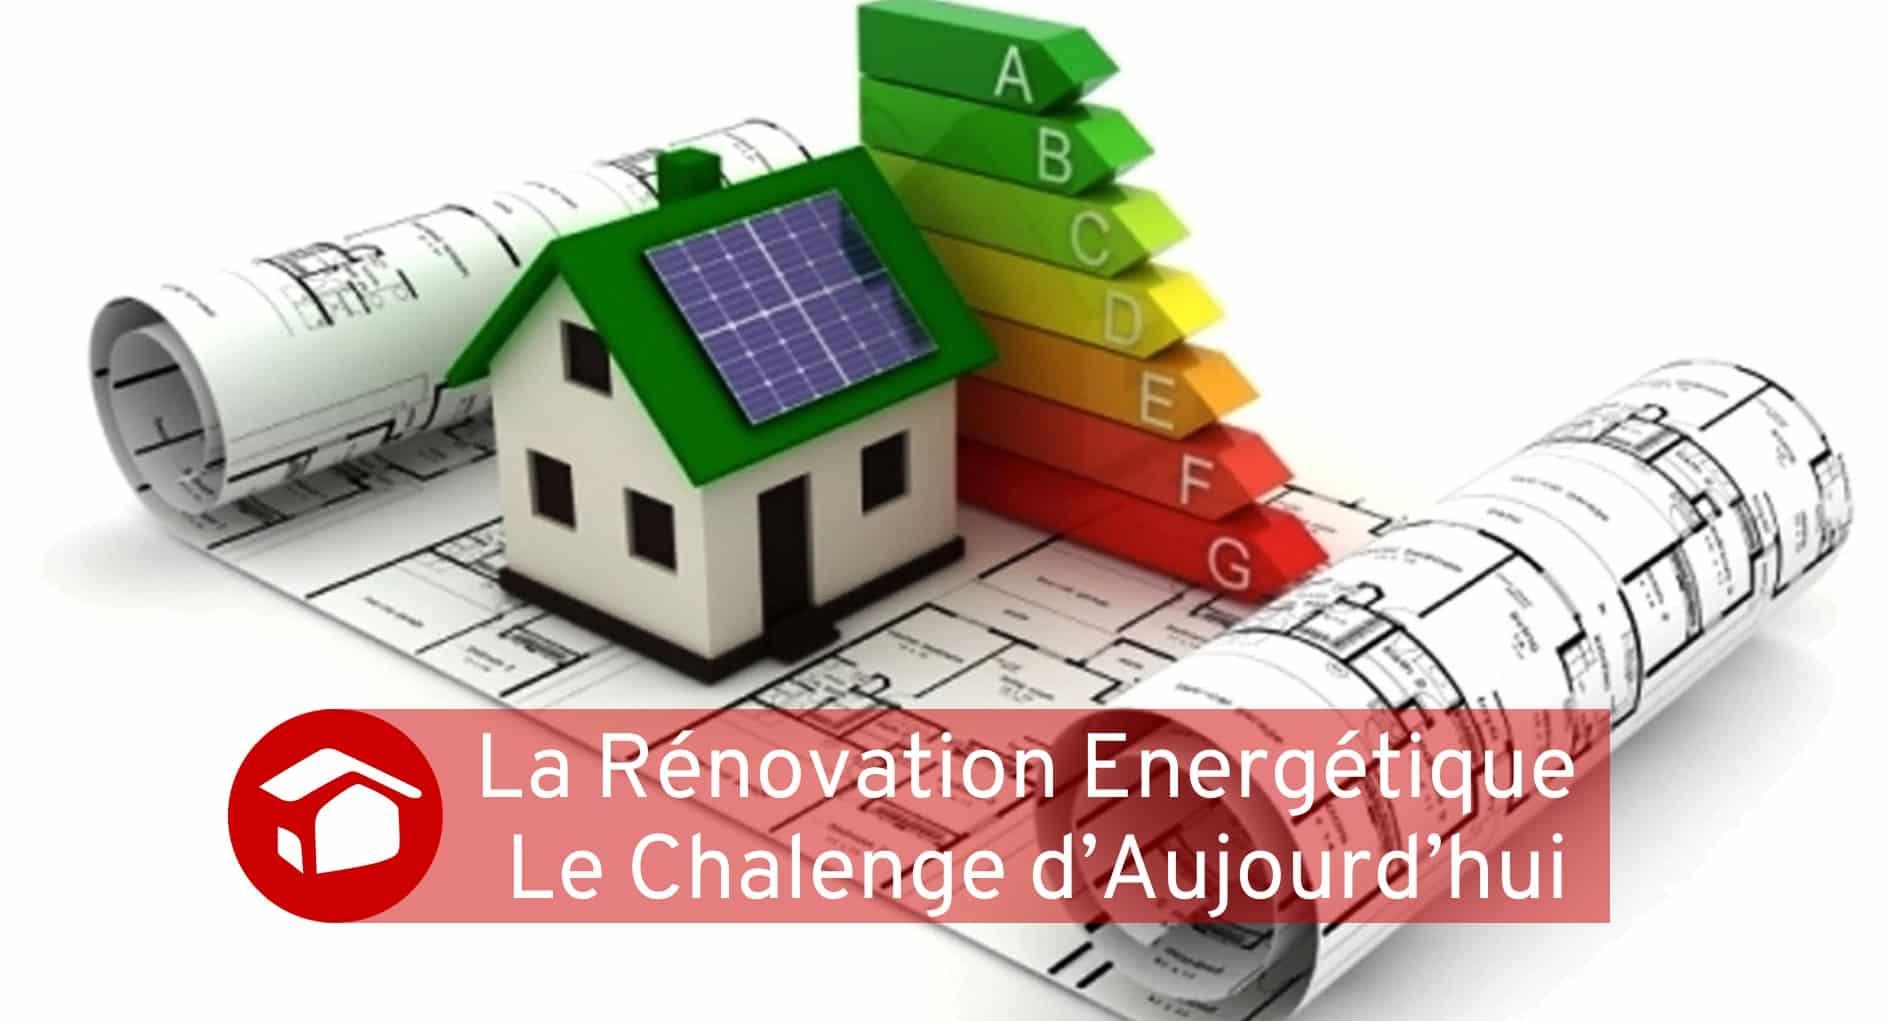 Rénovation Energétique Courtier Travaux Meilleur Projet